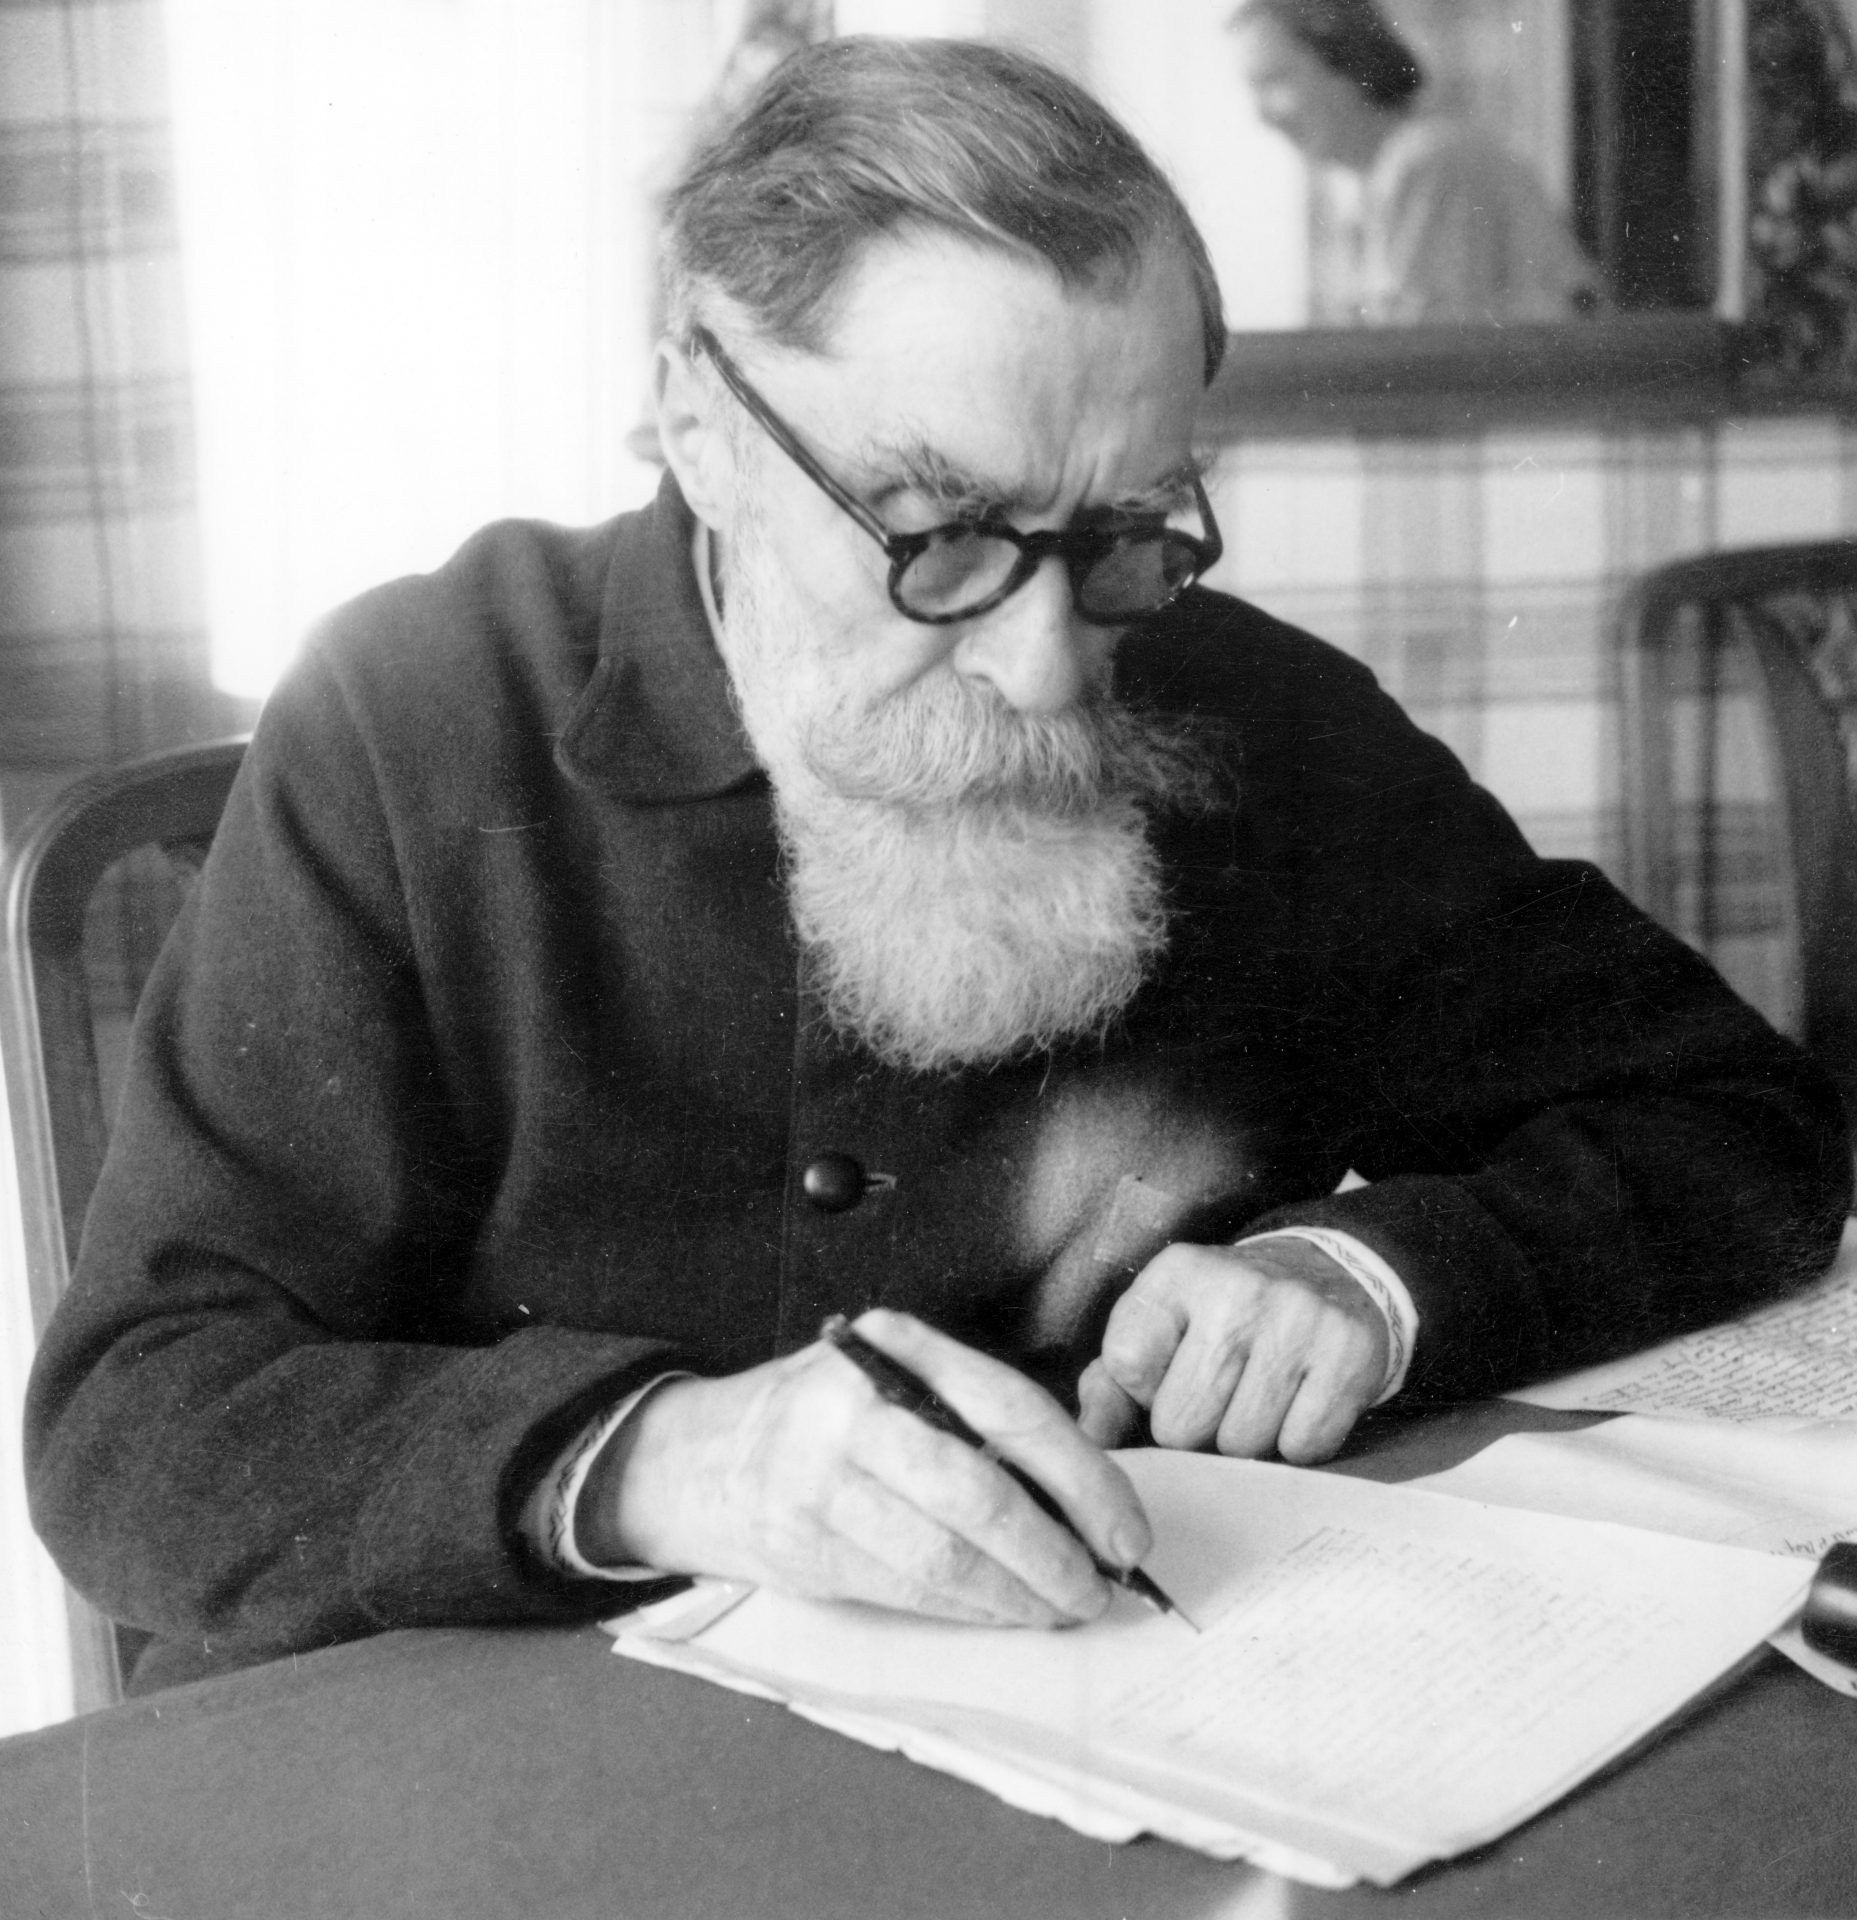 Alexandre Varenne assis, écrivant. Crédit : Léon Gendri, Clermont-Ferrand